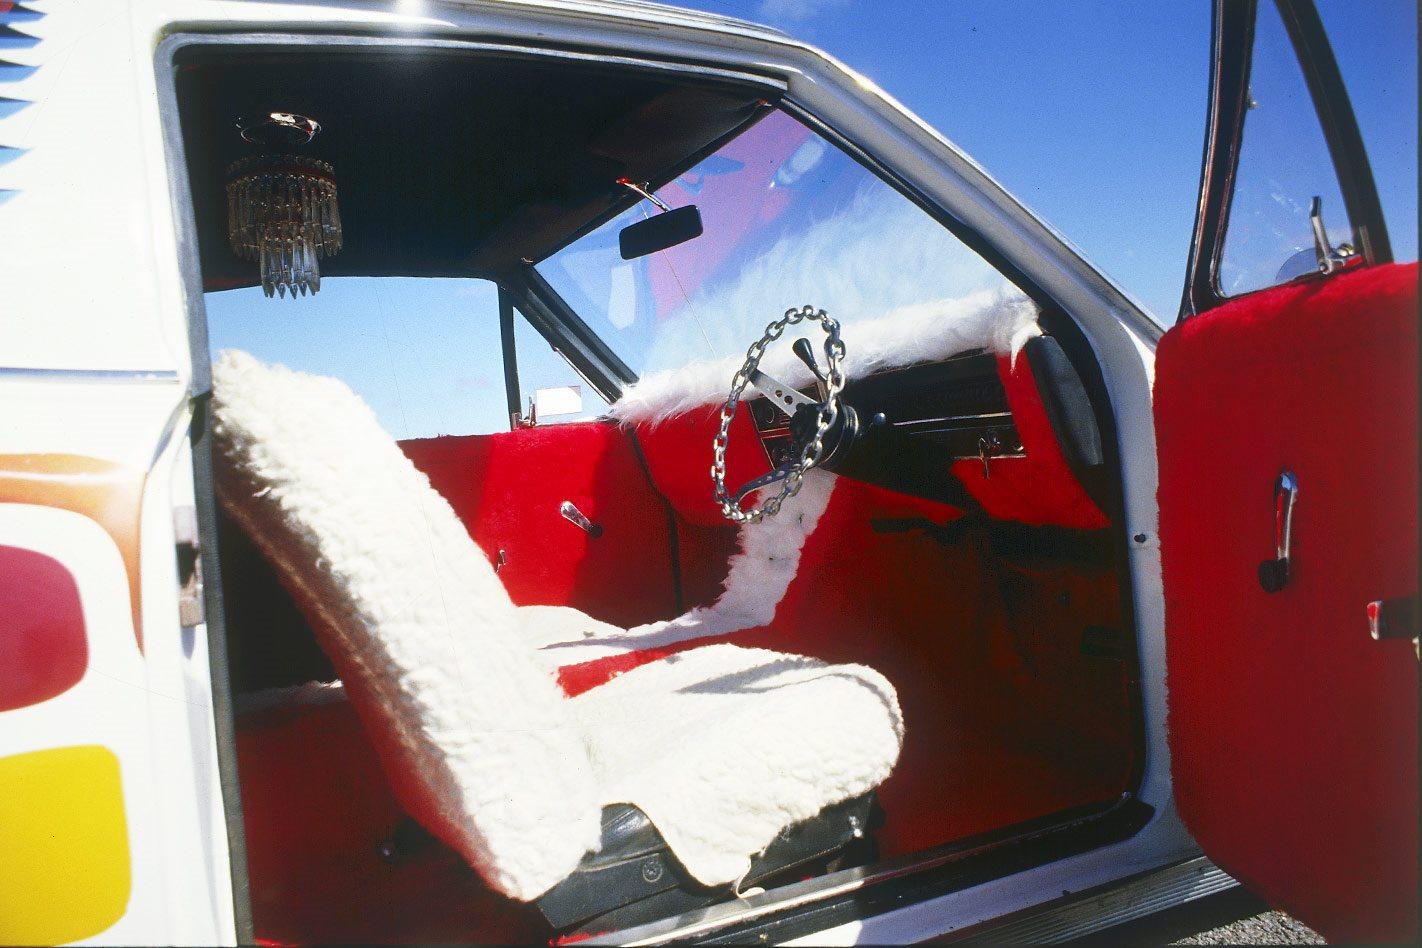 Burrito Durado Holden Brougham interior